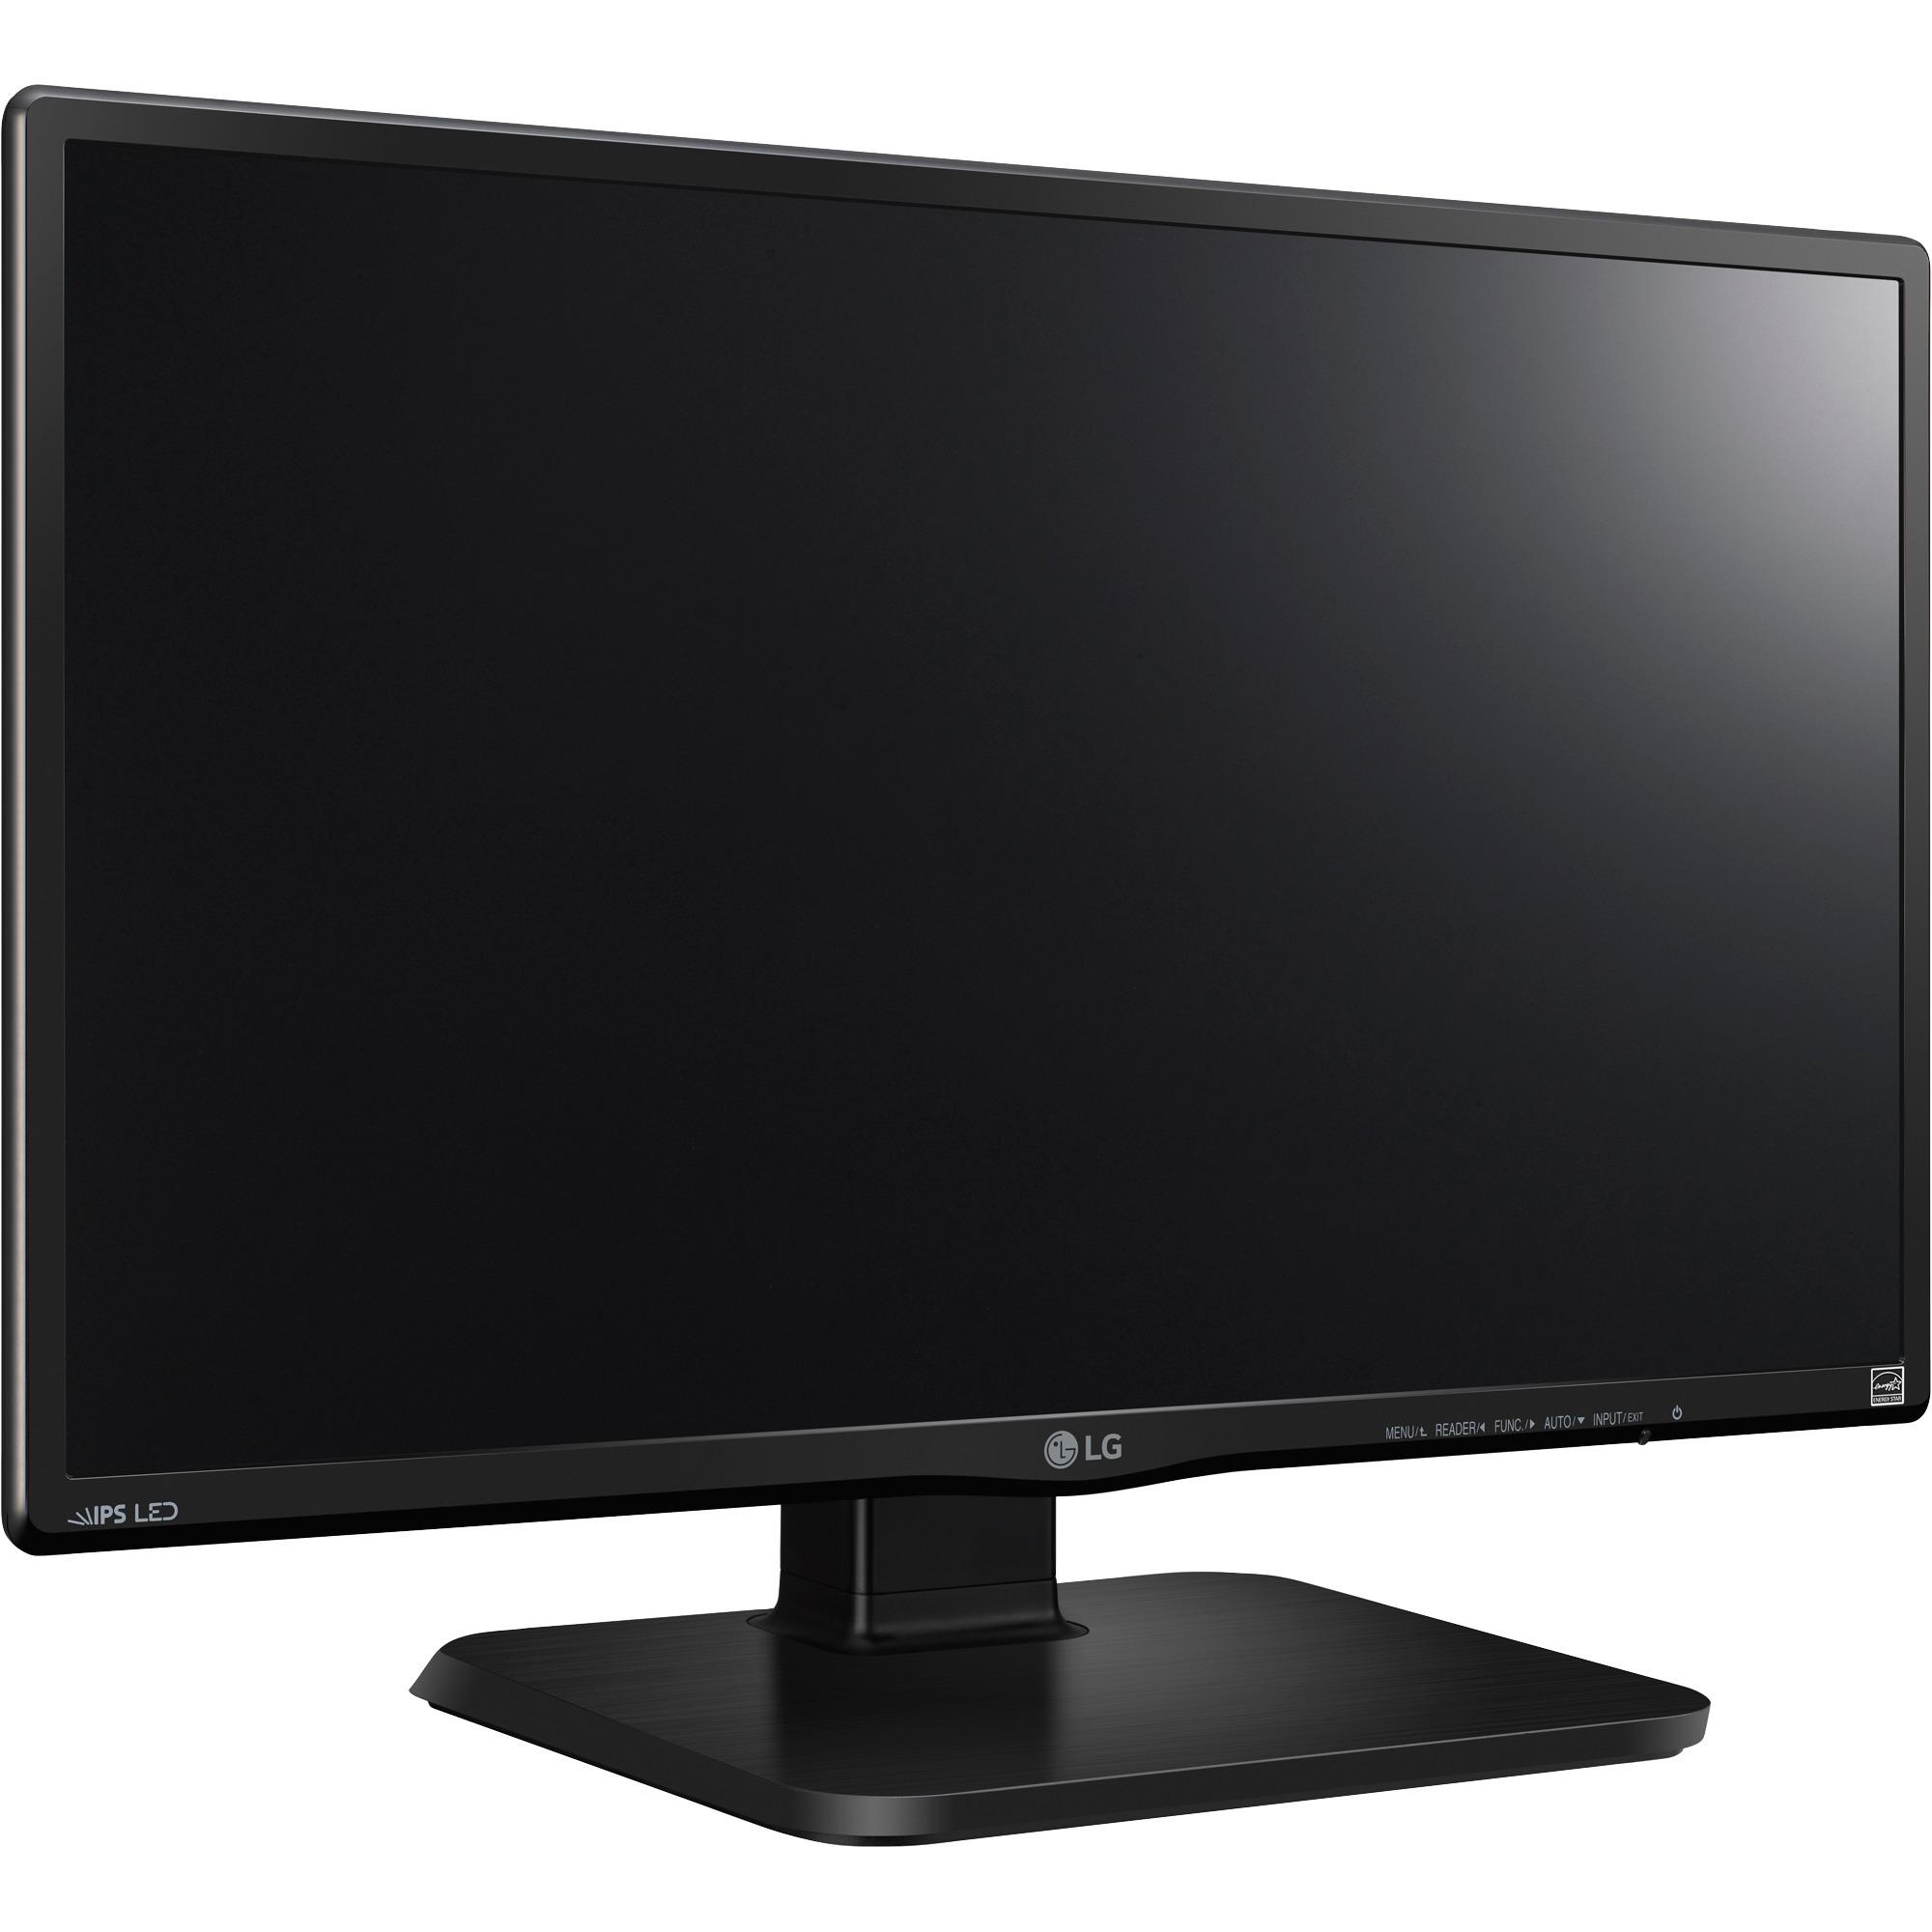 """24BK450H pantalla para PC 60,5 cm (23.8"""") Full HD LCD Plana Negro, Monitor LED"""